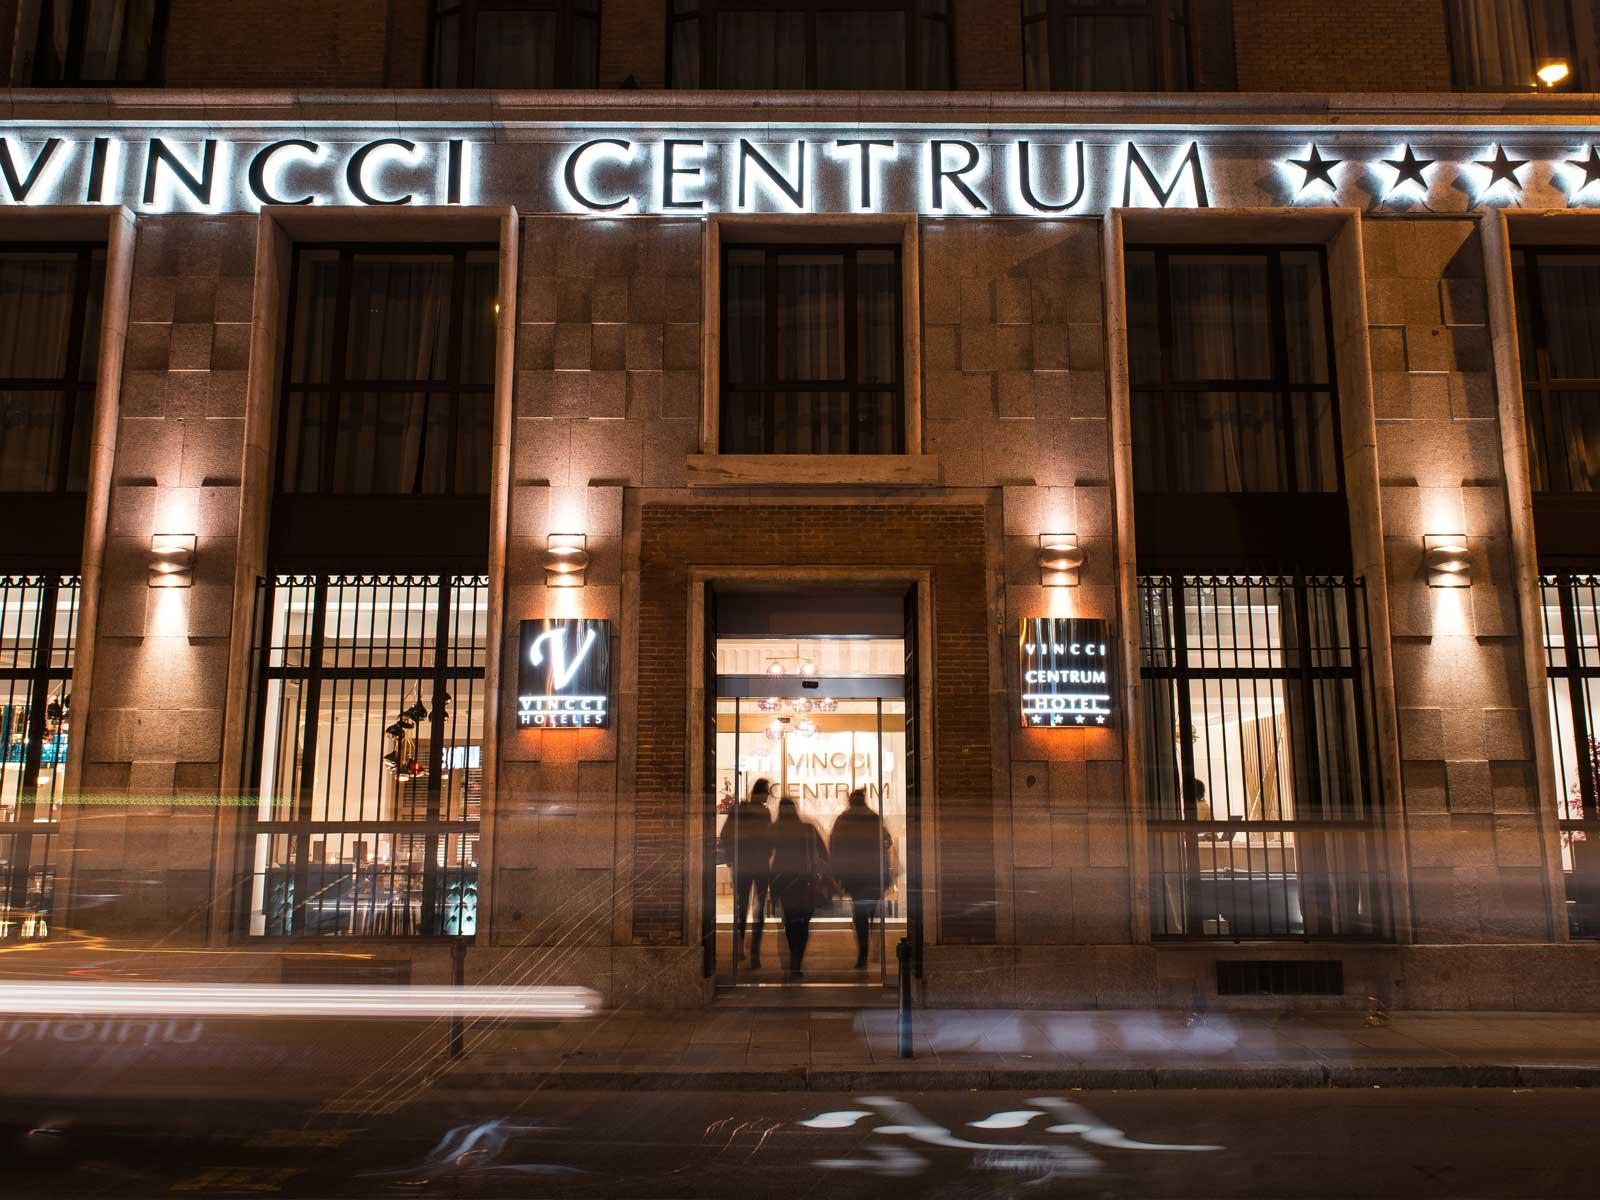 Façade - Vincci Centrum 4*